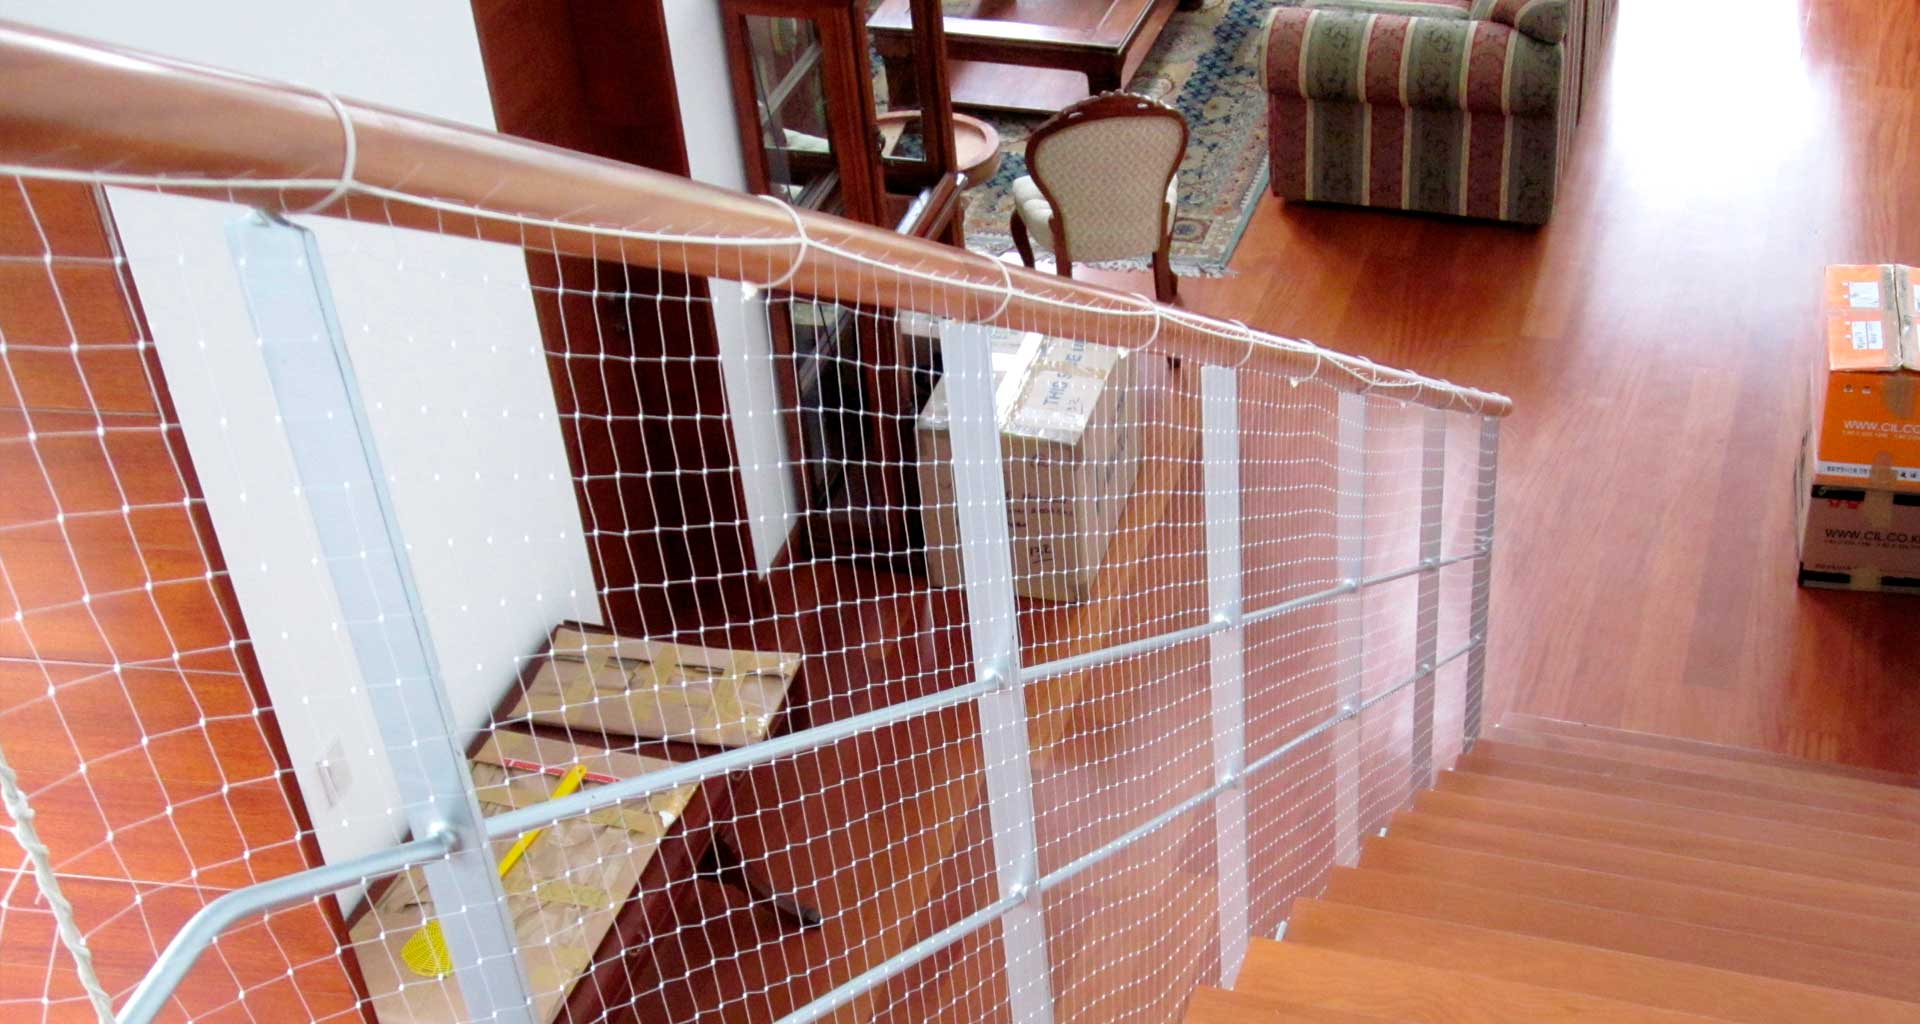 Proteccion escaleras nios baranda proteccion escalera - Proteccion escaleras ninos ...